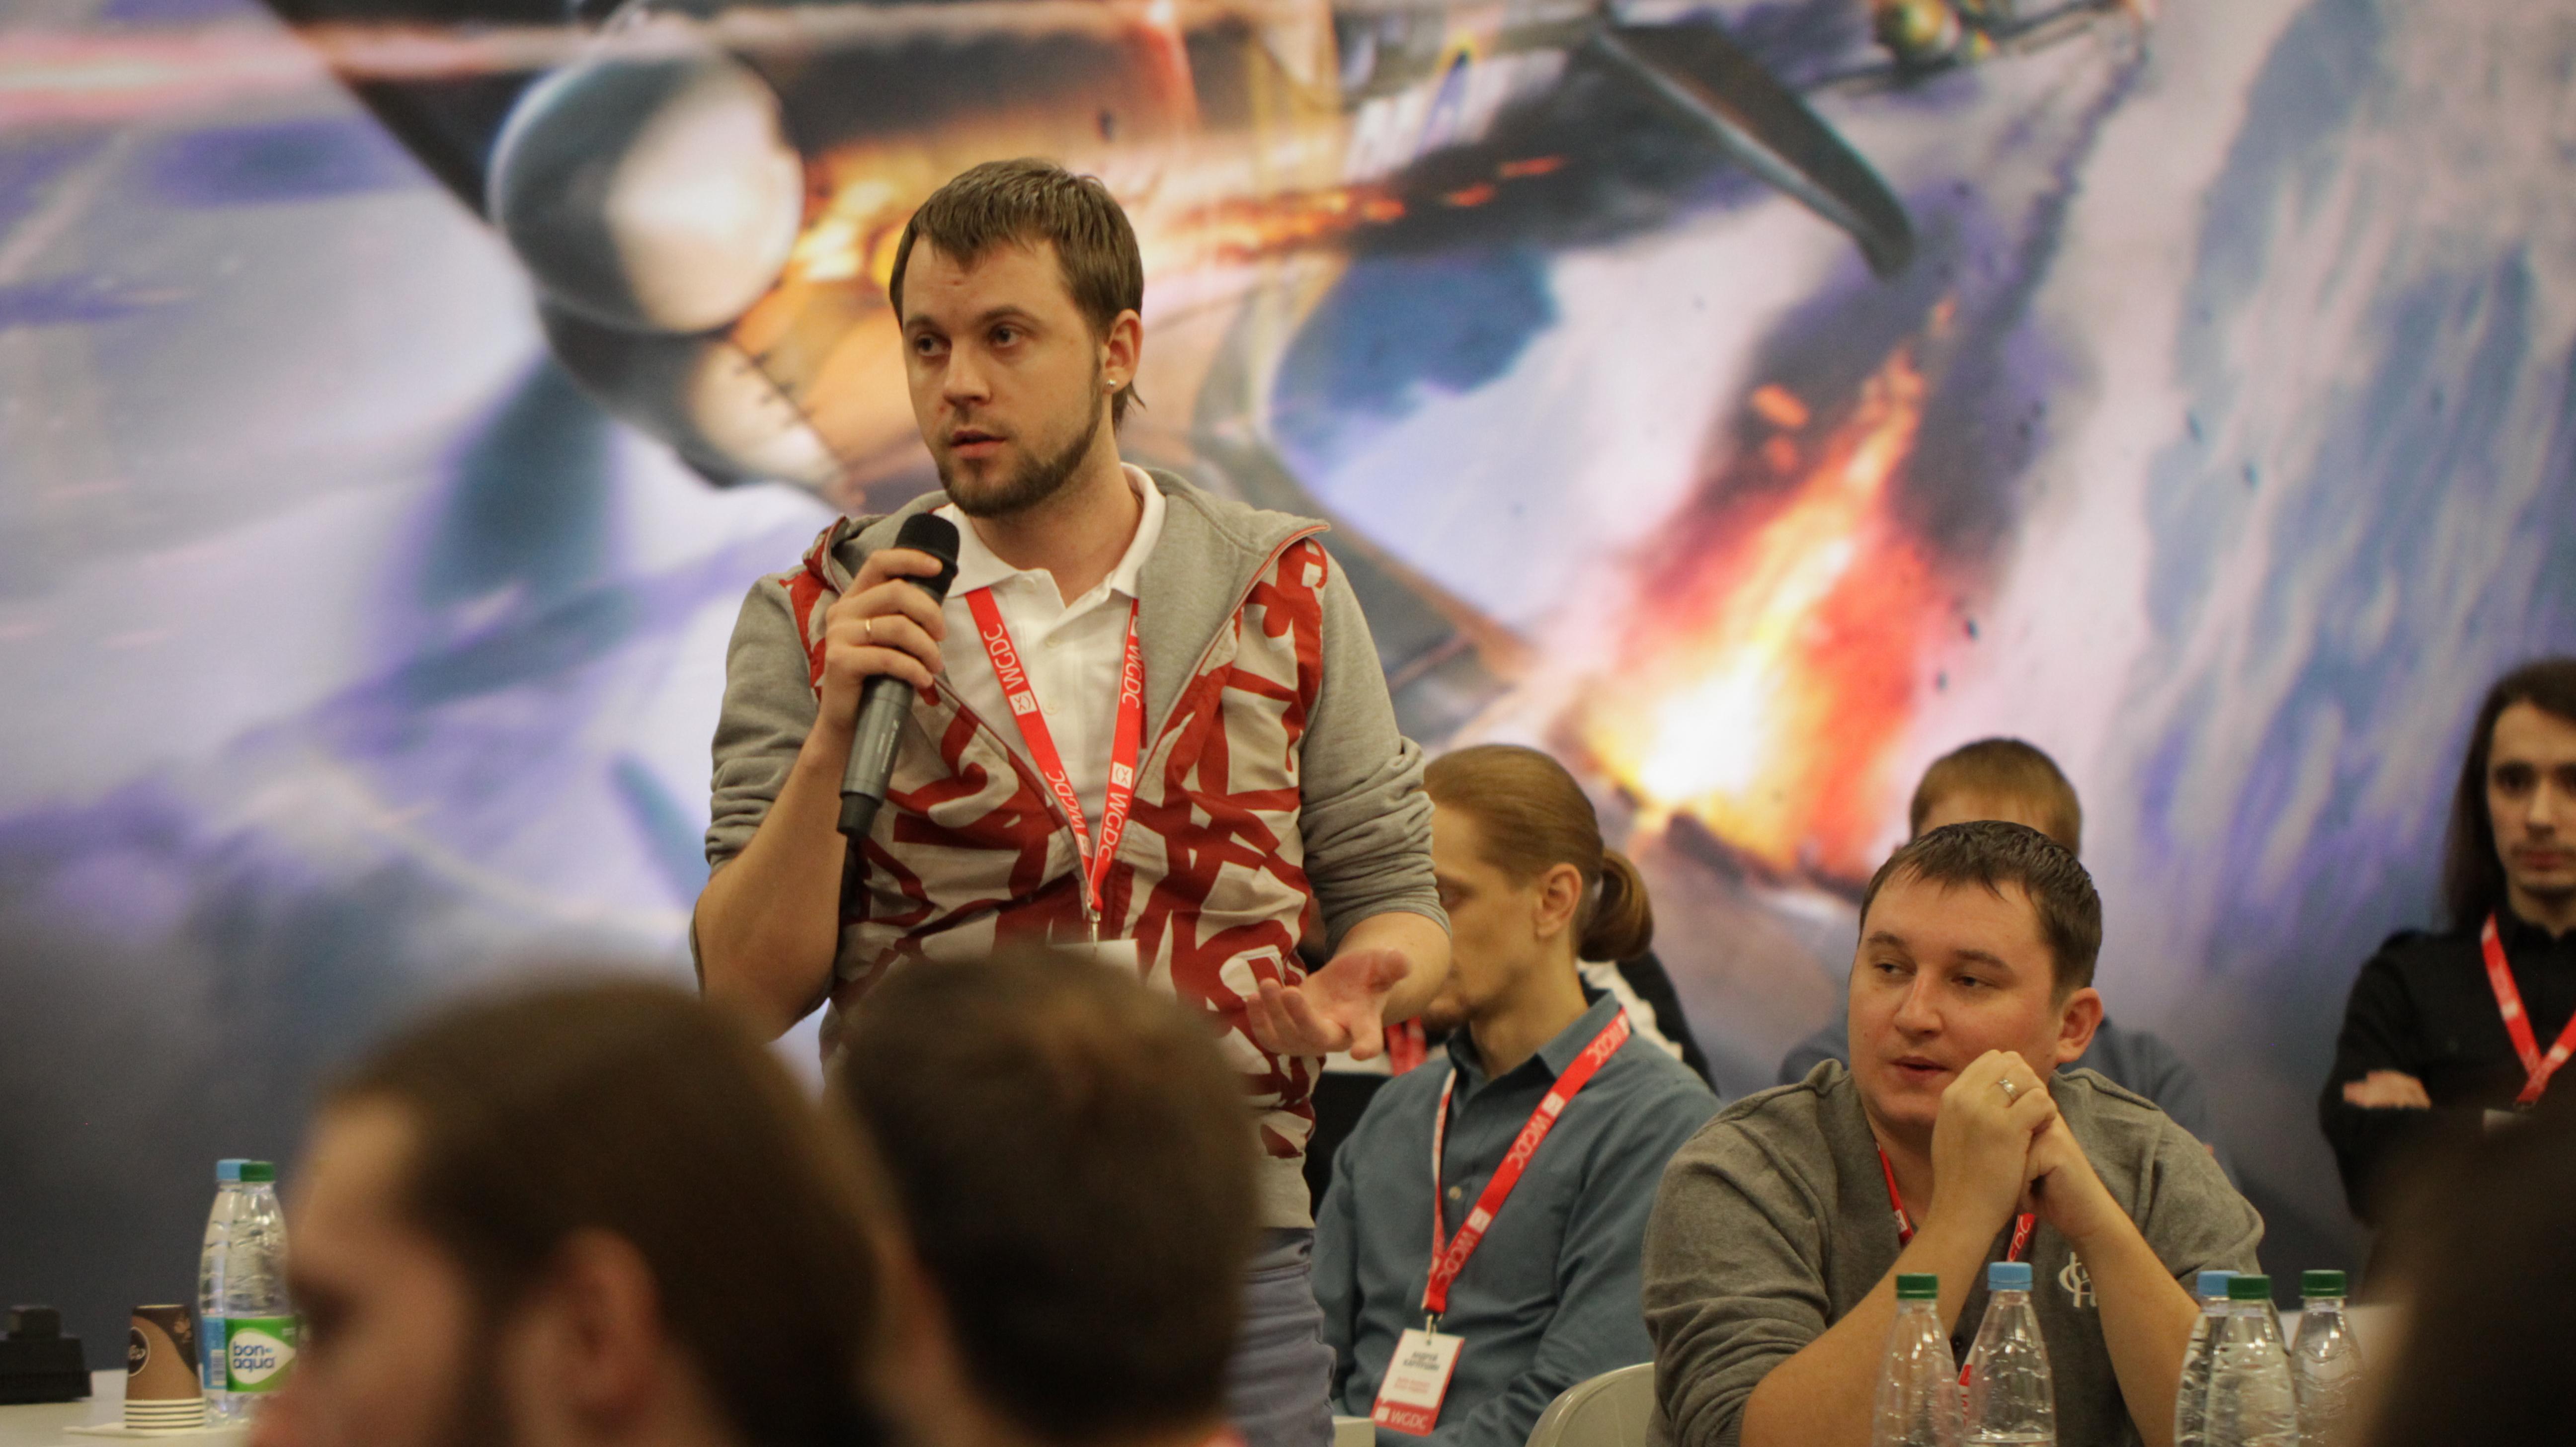 WGN_Photos_WGDC_Conference_Image_10